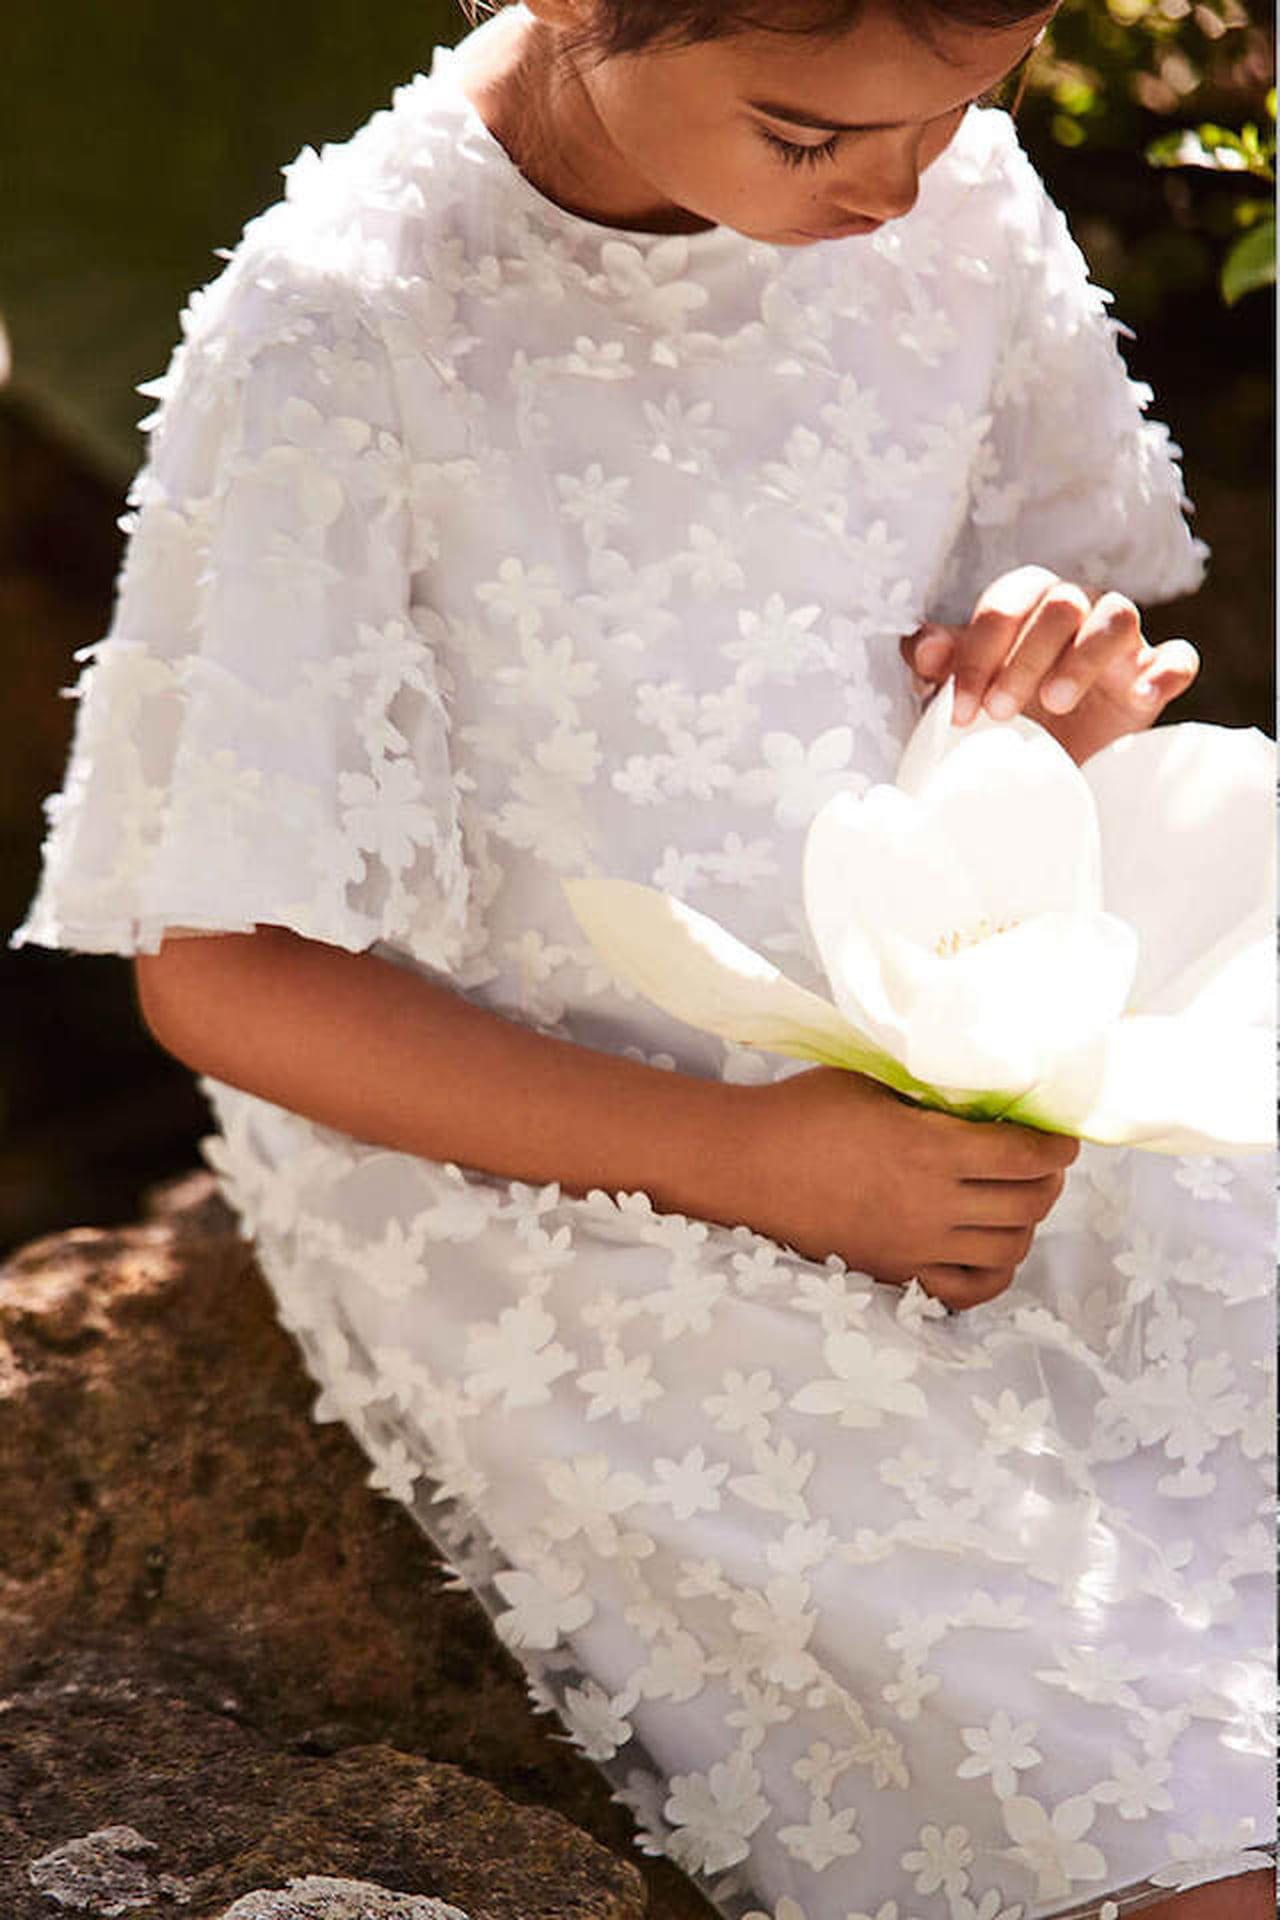 Super ricercato ma altrettanto comodo il vestito in tulle bianco con fiori  applicati firmato Il Gufo. © Il Gufo e03575730e2